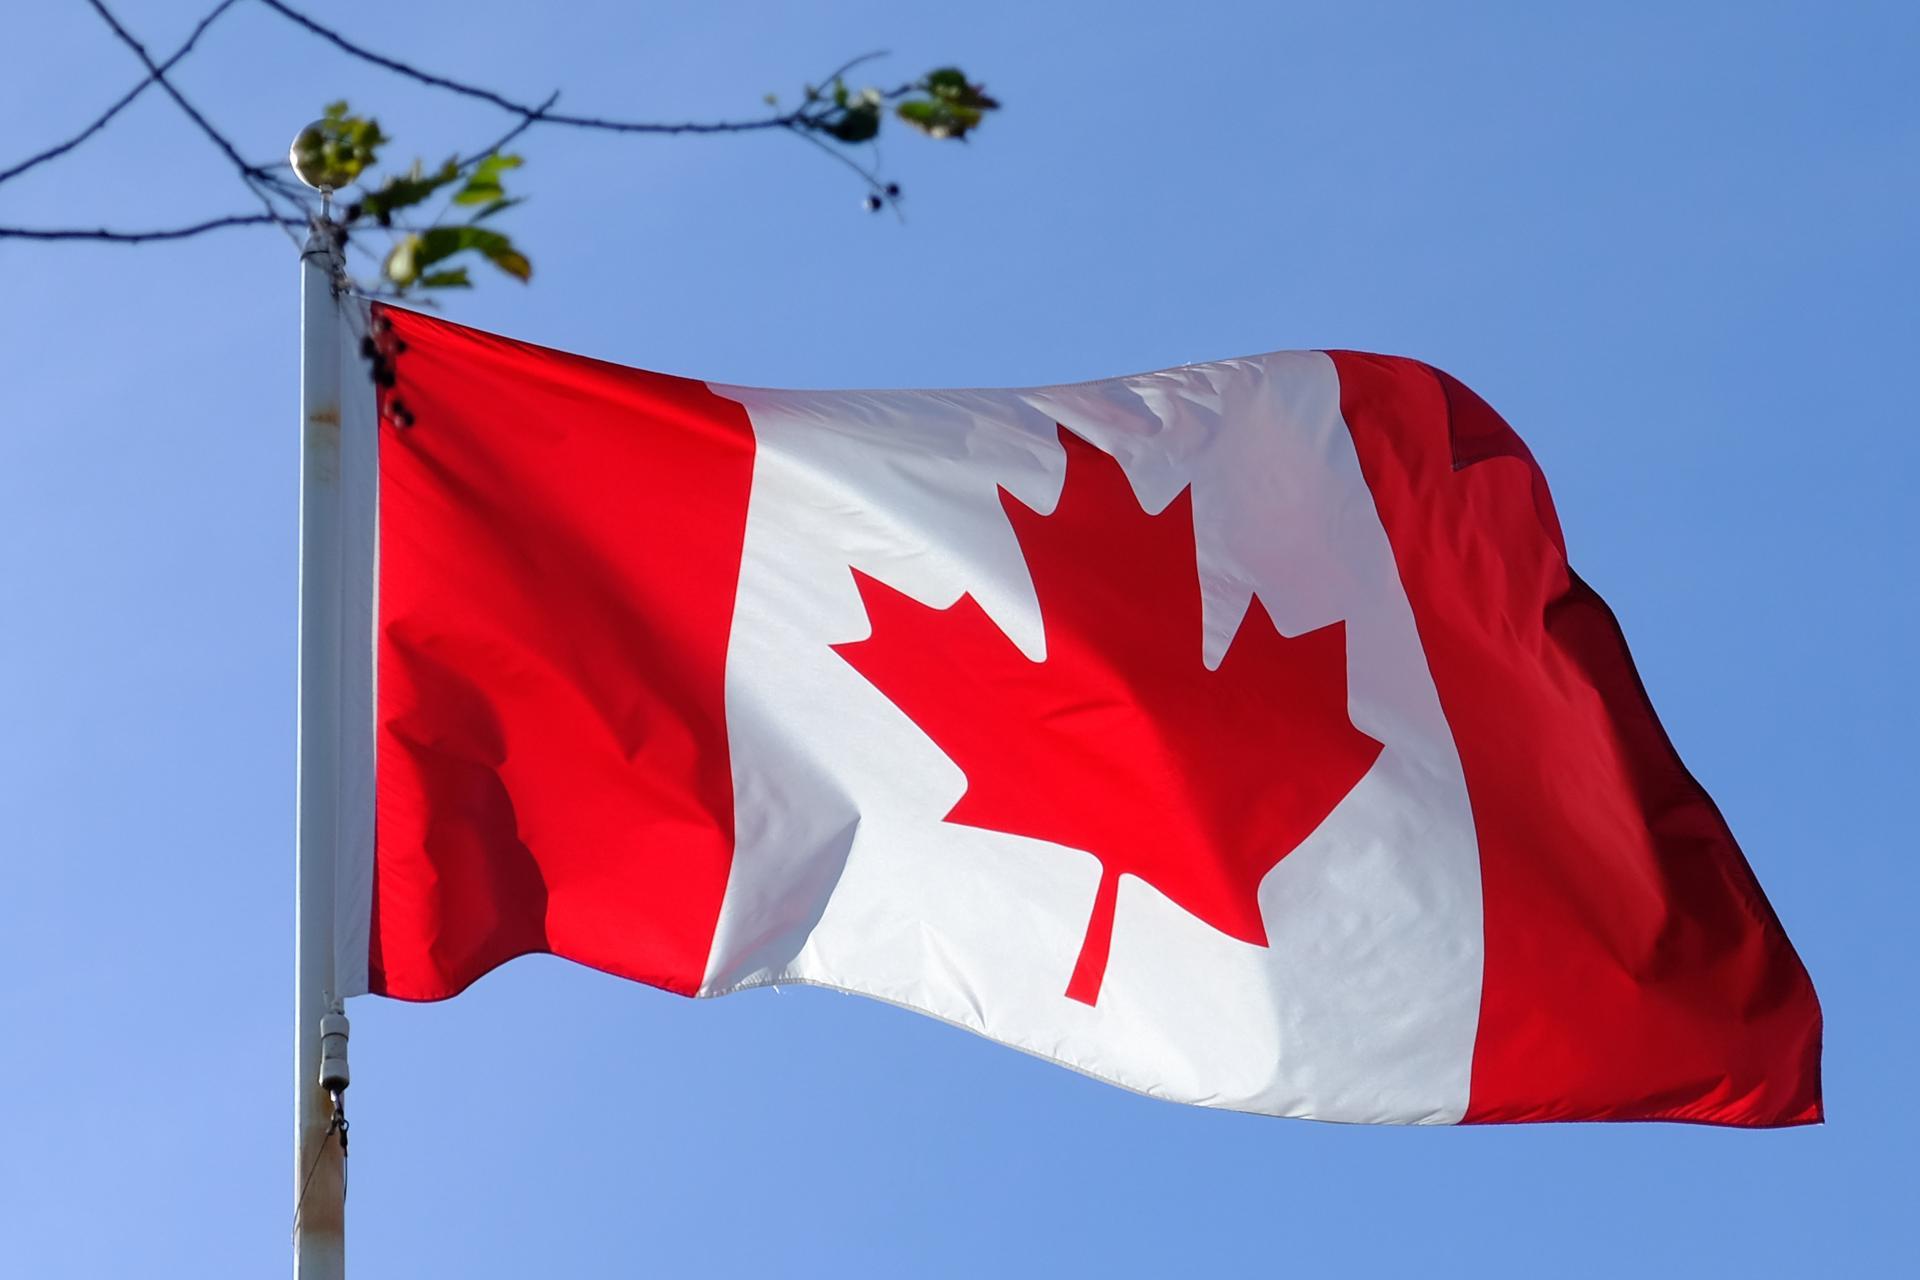 Le drapeau canadien avec comme emblème la feuille d'érable